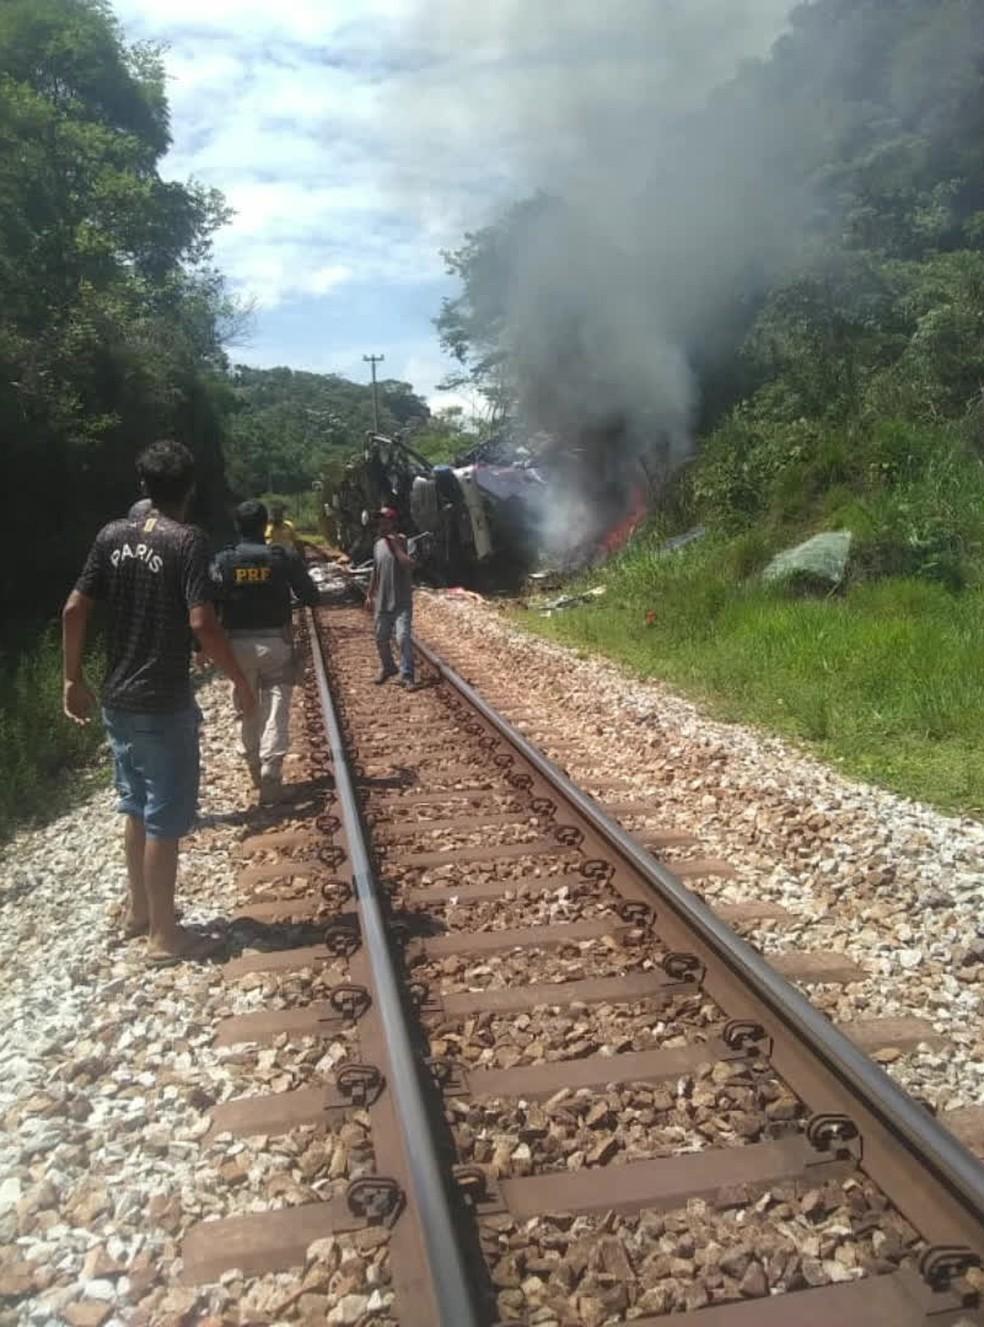 Pessoas são vistas nos trilhos sobre os quais o ônibus caiu em acidente na BR-381, em MG — Foto: Reprodução/GloboNews